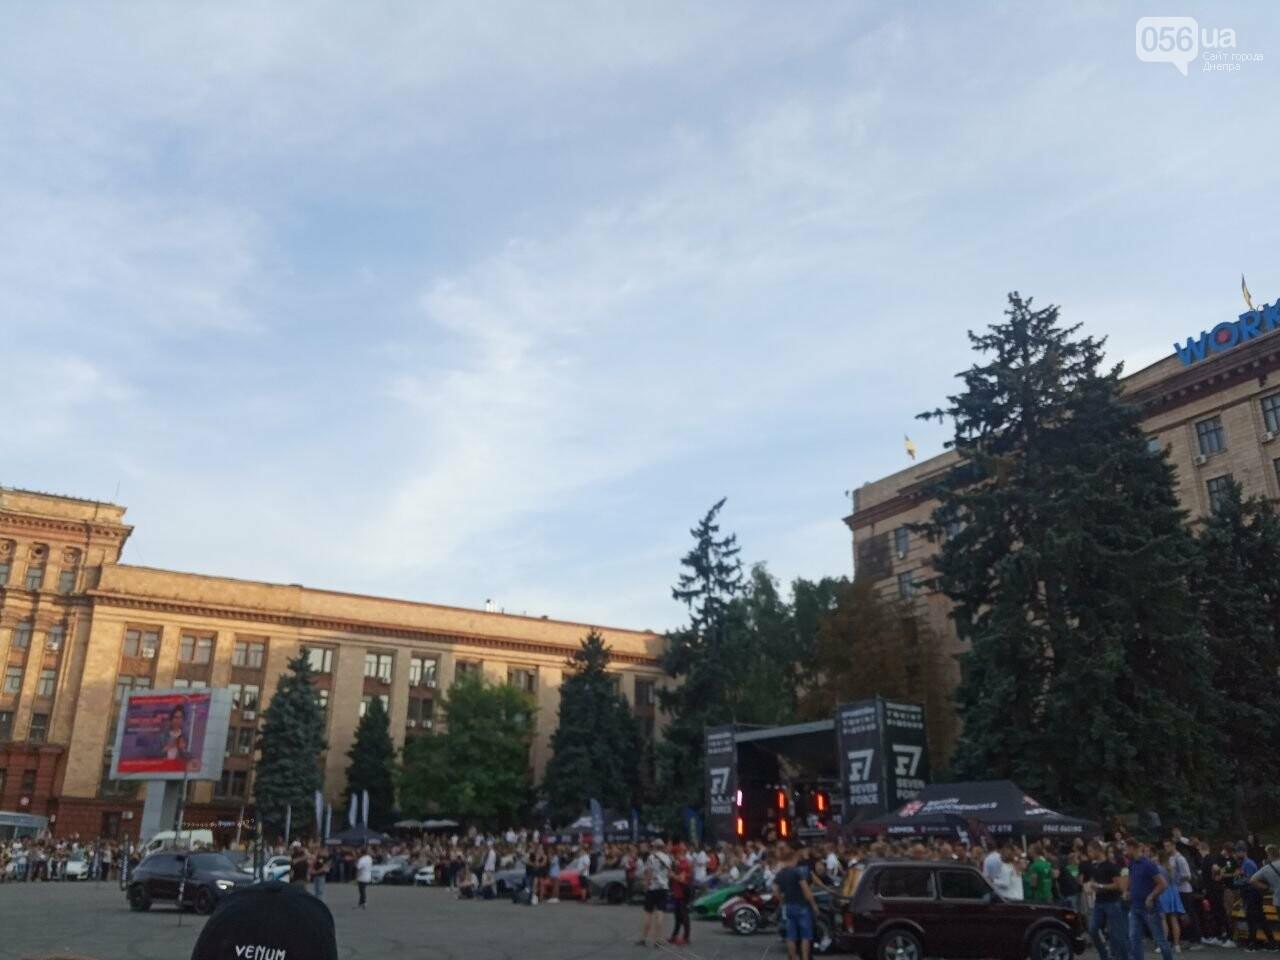 Дрифт в центре Киева спровоцировал скандал, а для Днепра стал шоу с жирными следами, - ФОТО, фото-2